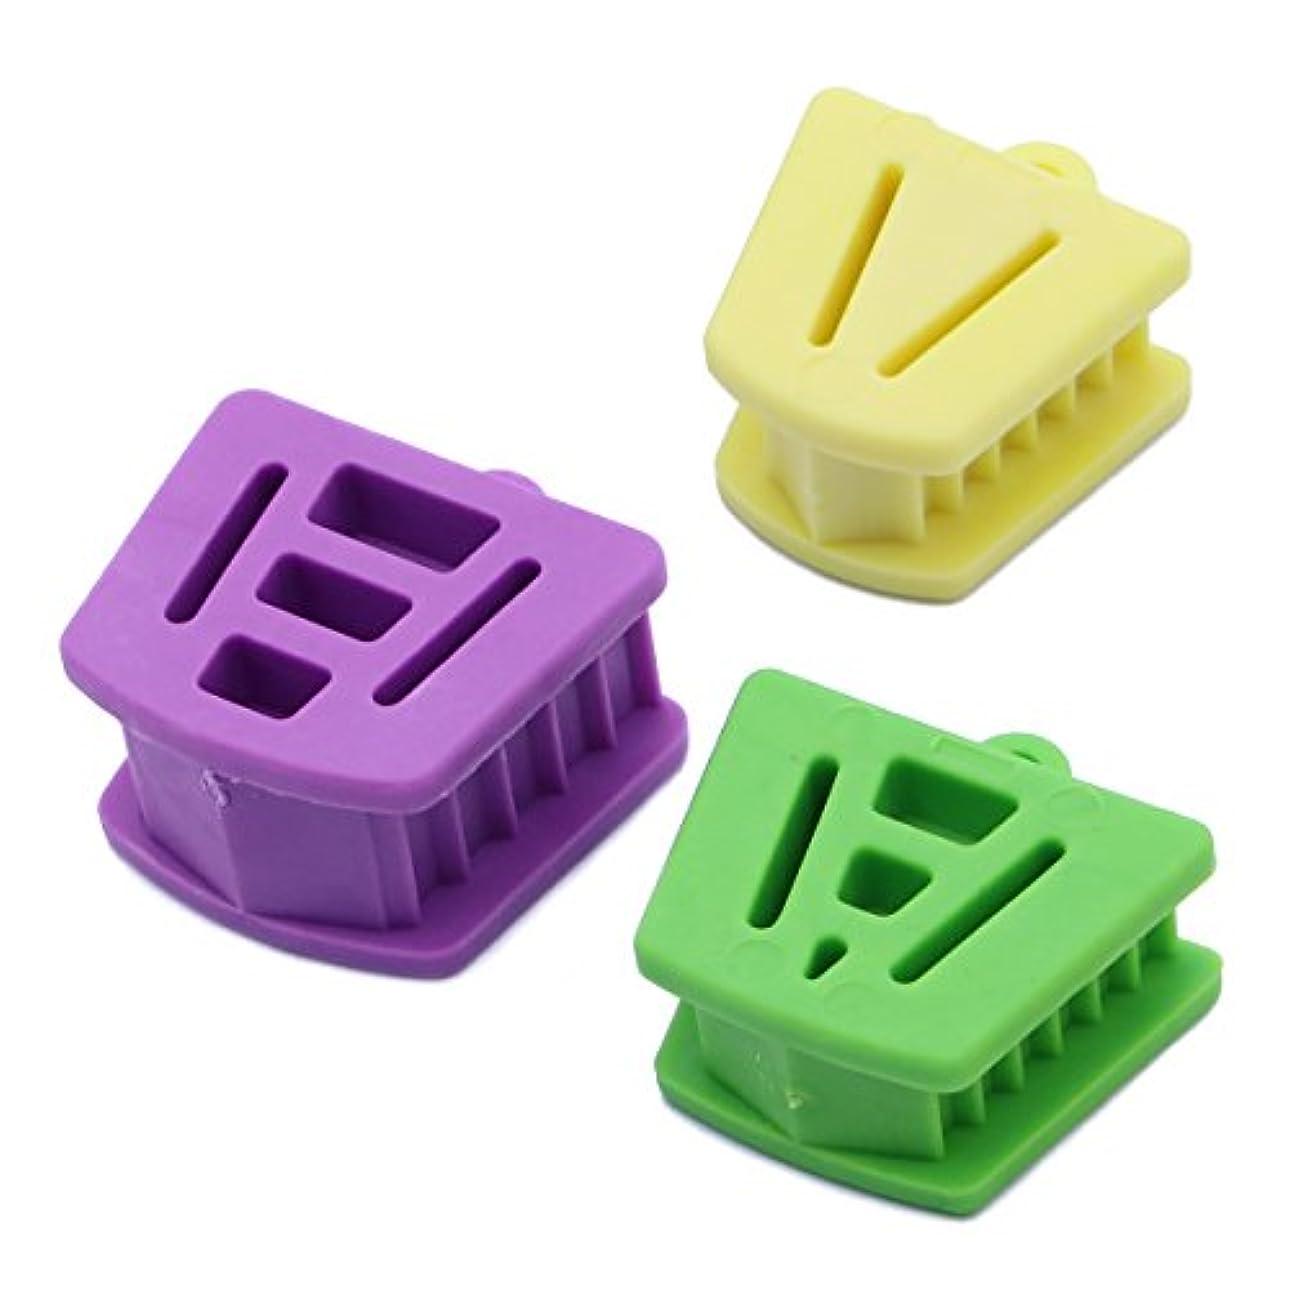 マカダムブリリアント宿Healifty 3個/パック口プロップバイトブロック歯科口腔内支持矯正用アクセサリー